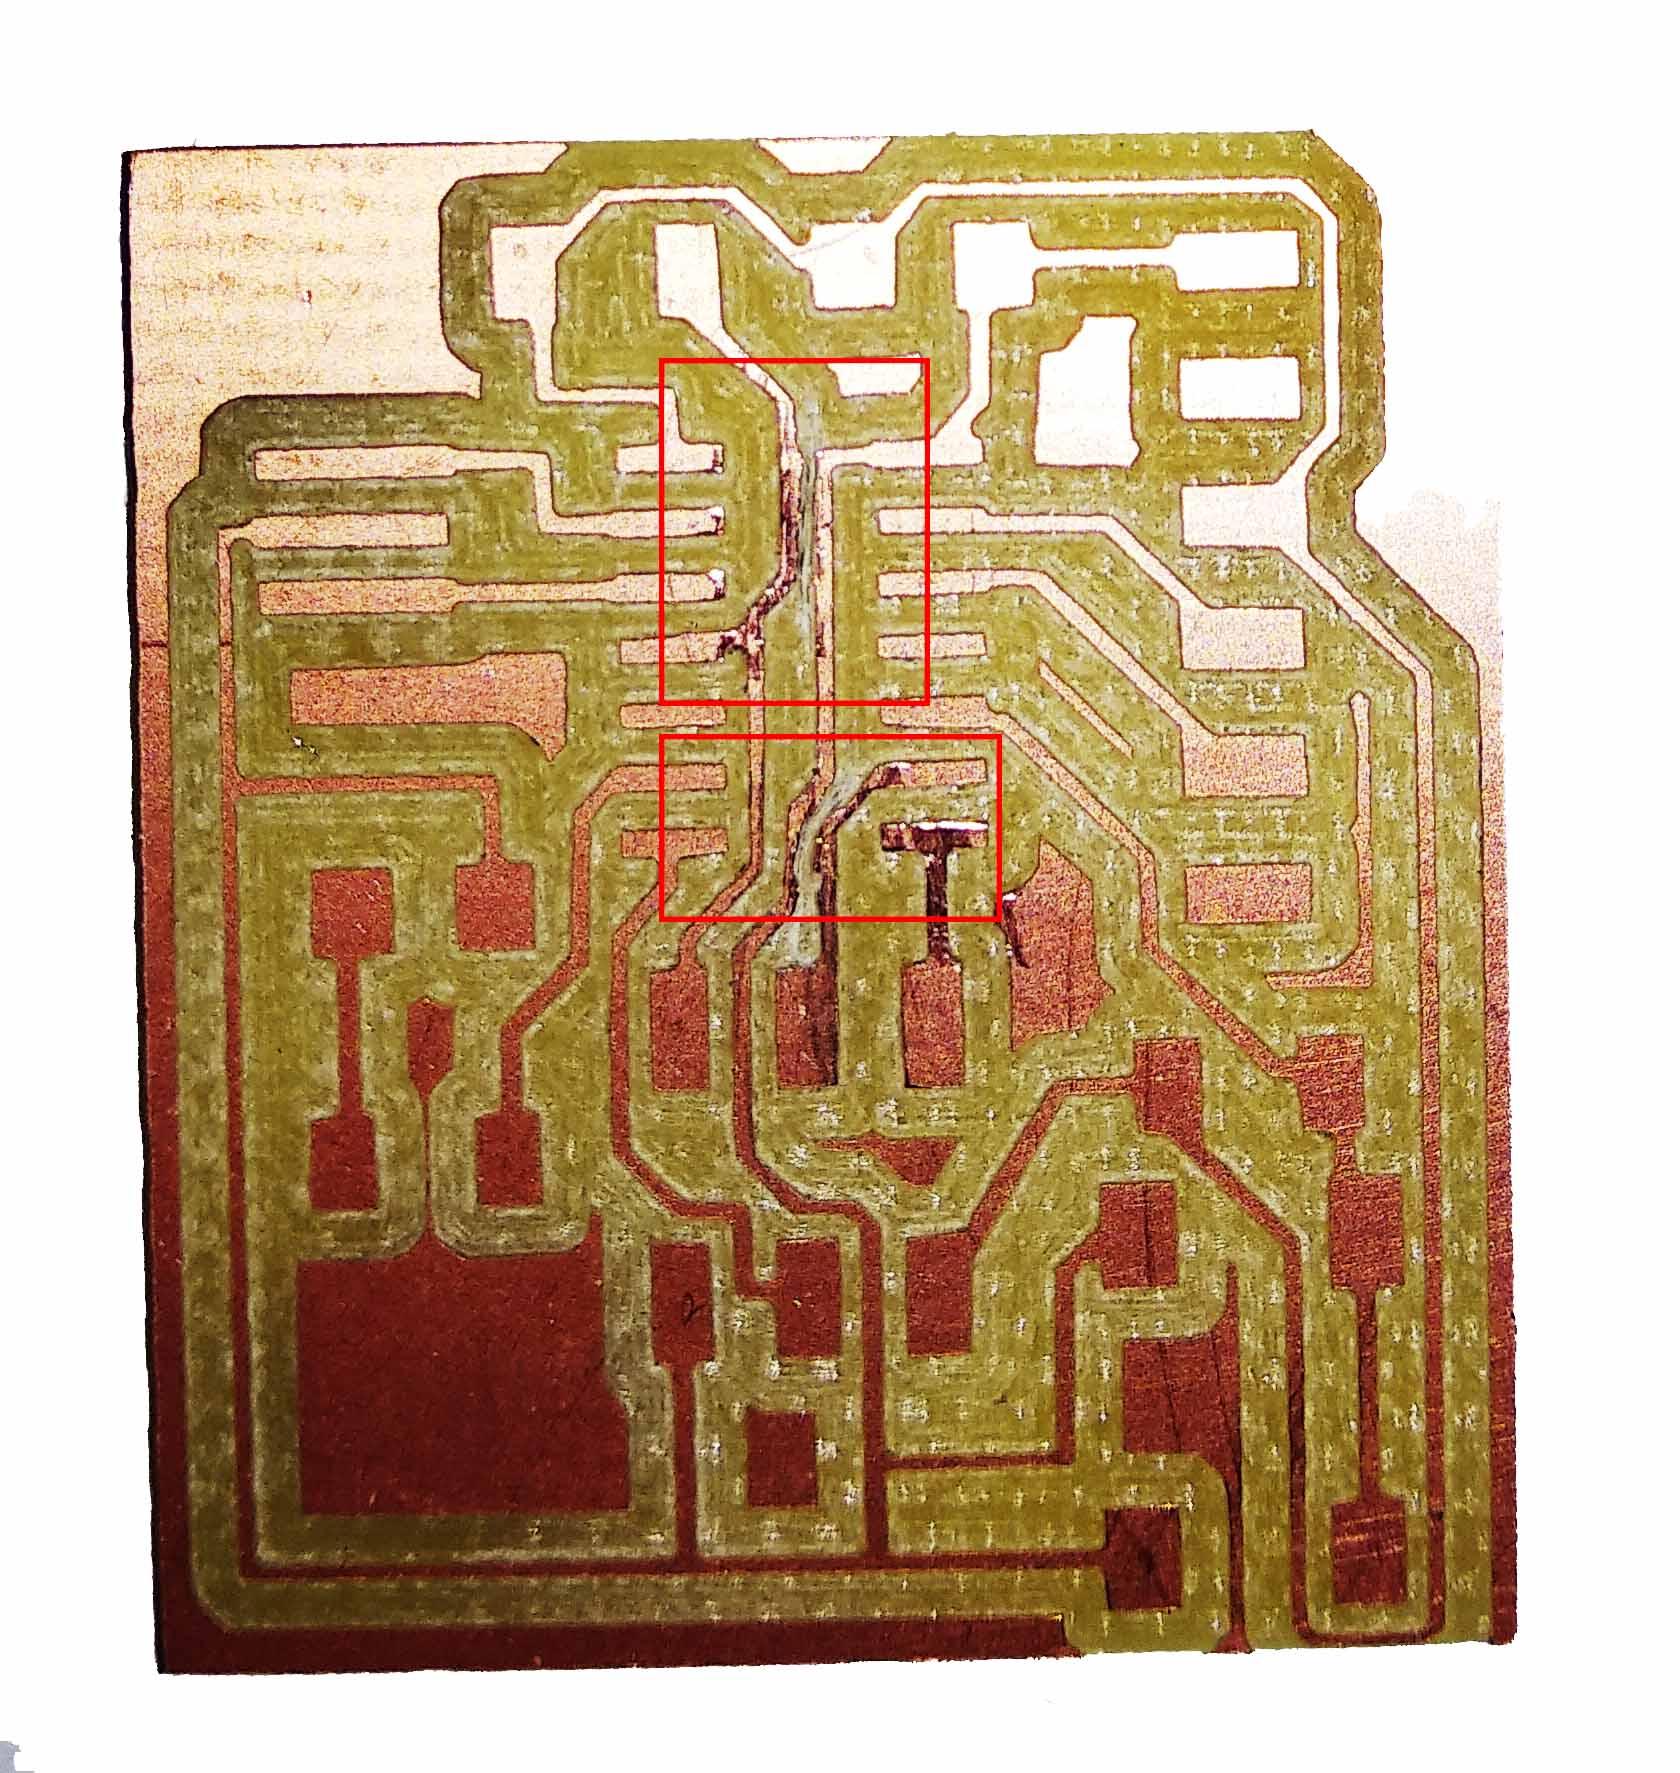 Mrehan Elshehawy How To Fix A Short Circuit Two Circuits Found